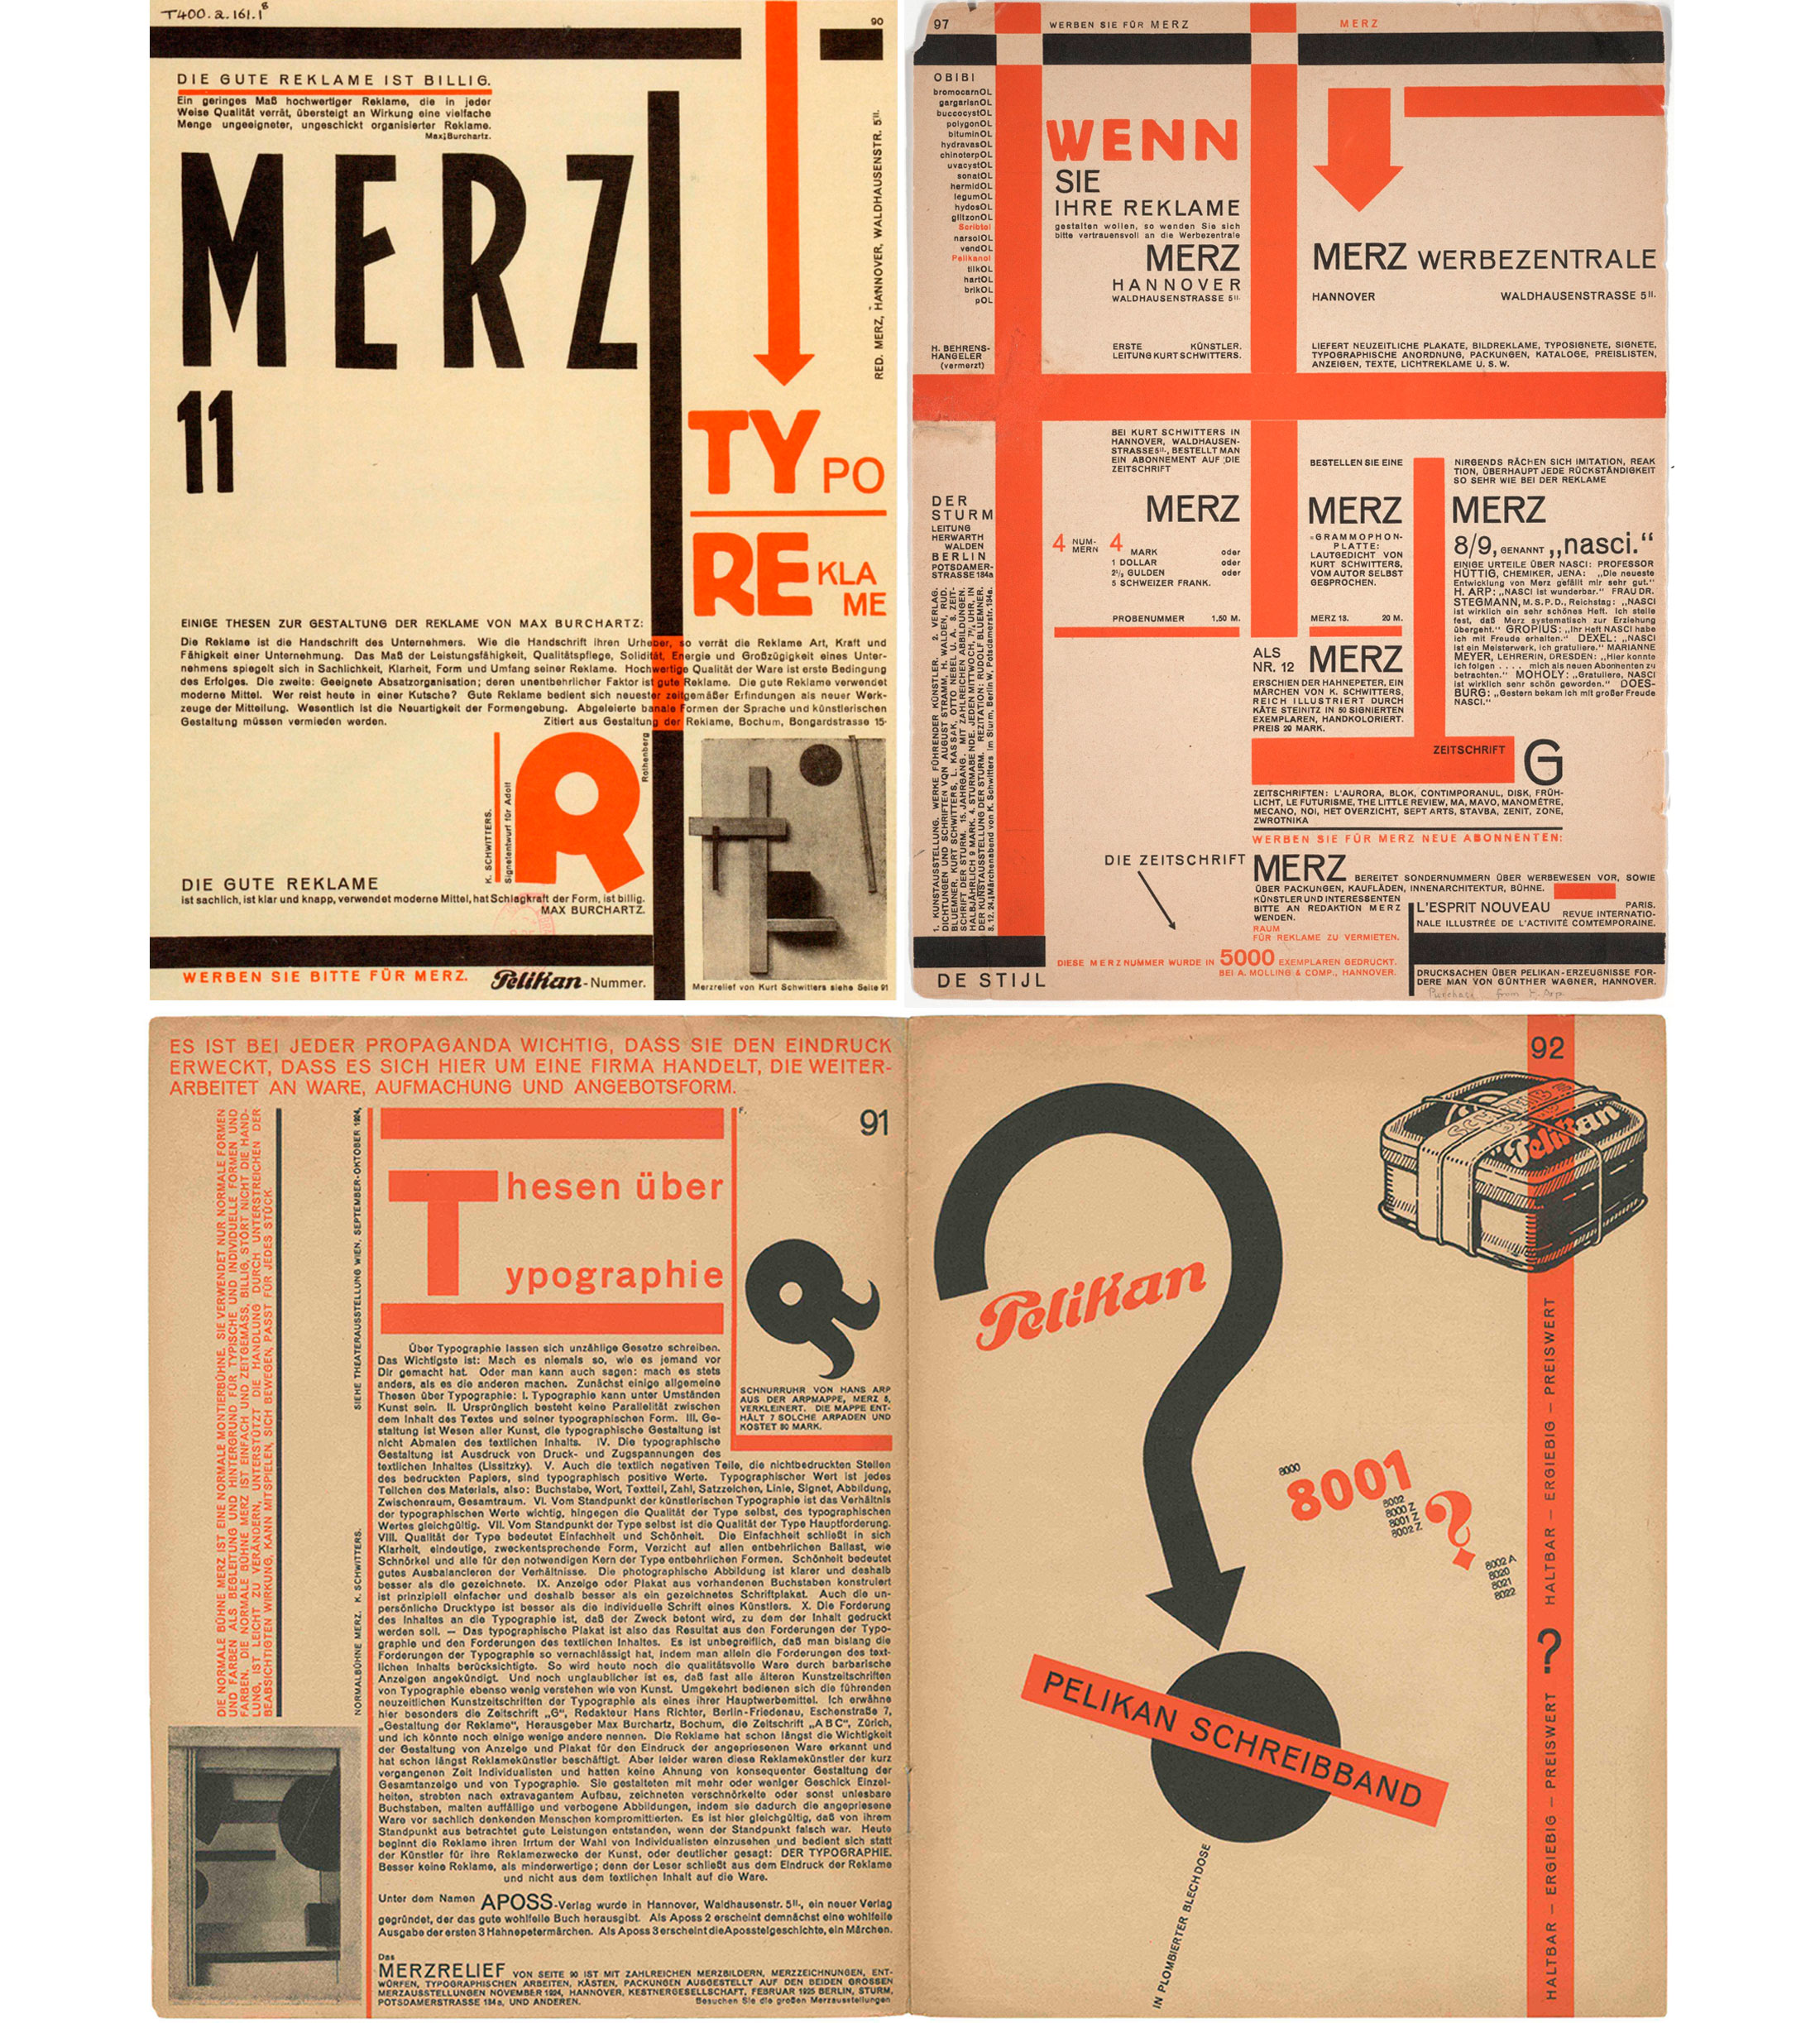 Kurt-Schwitters-Typo-Reklame-1923-revue-merz-numero-11